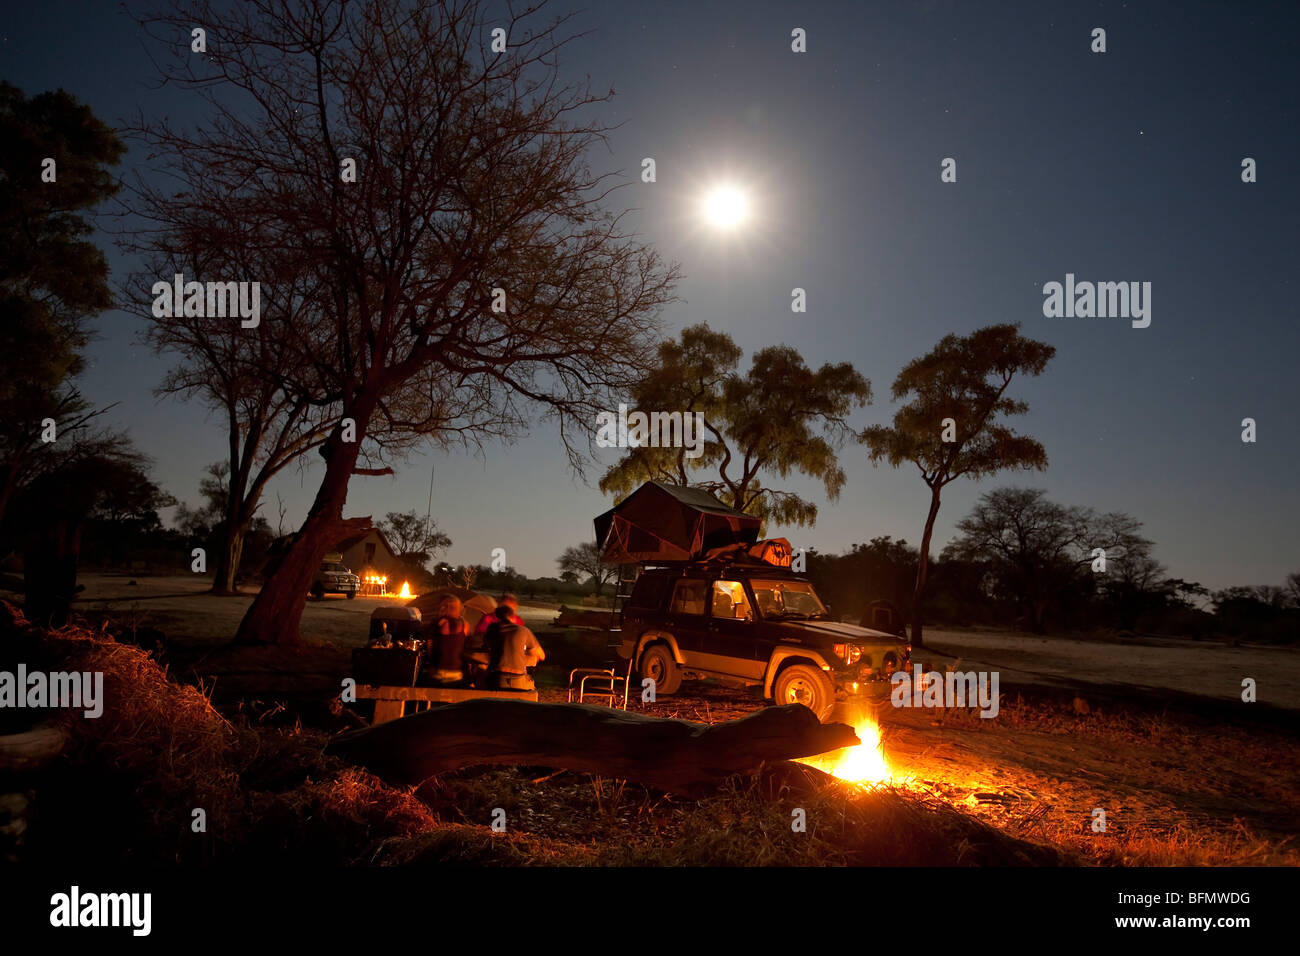 Botswana, Savuti. Una familia disfruta de su comida por el fuego, con la expedición 4x4 en el fondo. Imagen De Stock